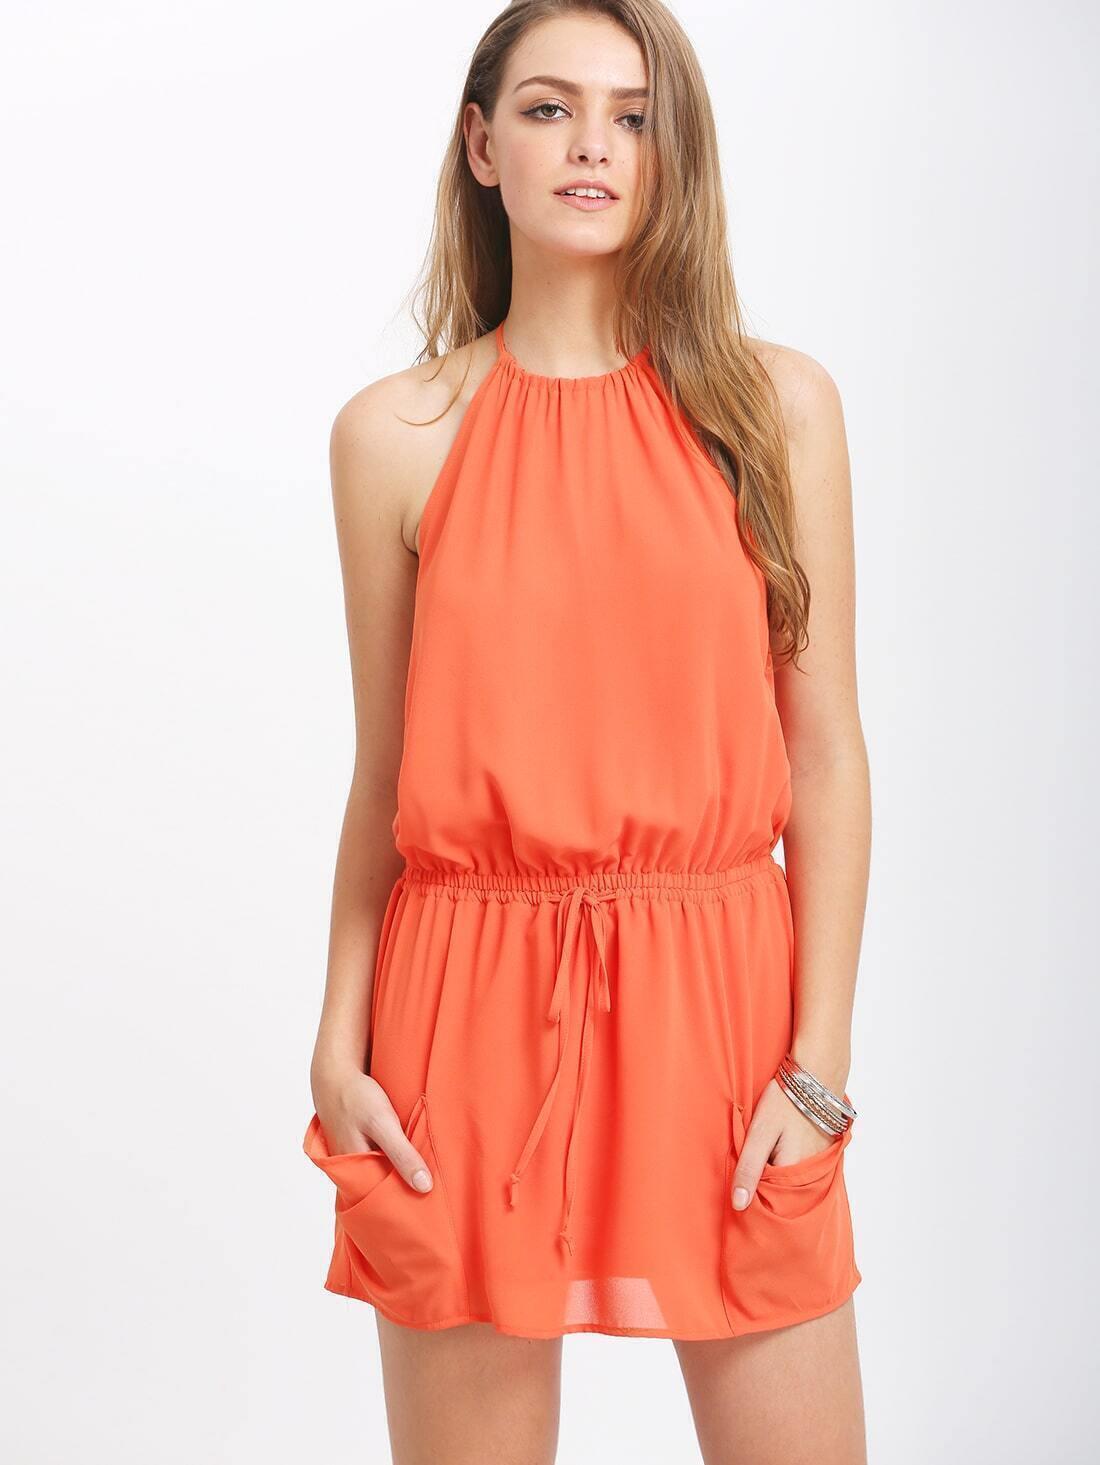 Orange Auburn Halter Lace Up Backless Blouson DressFor ...